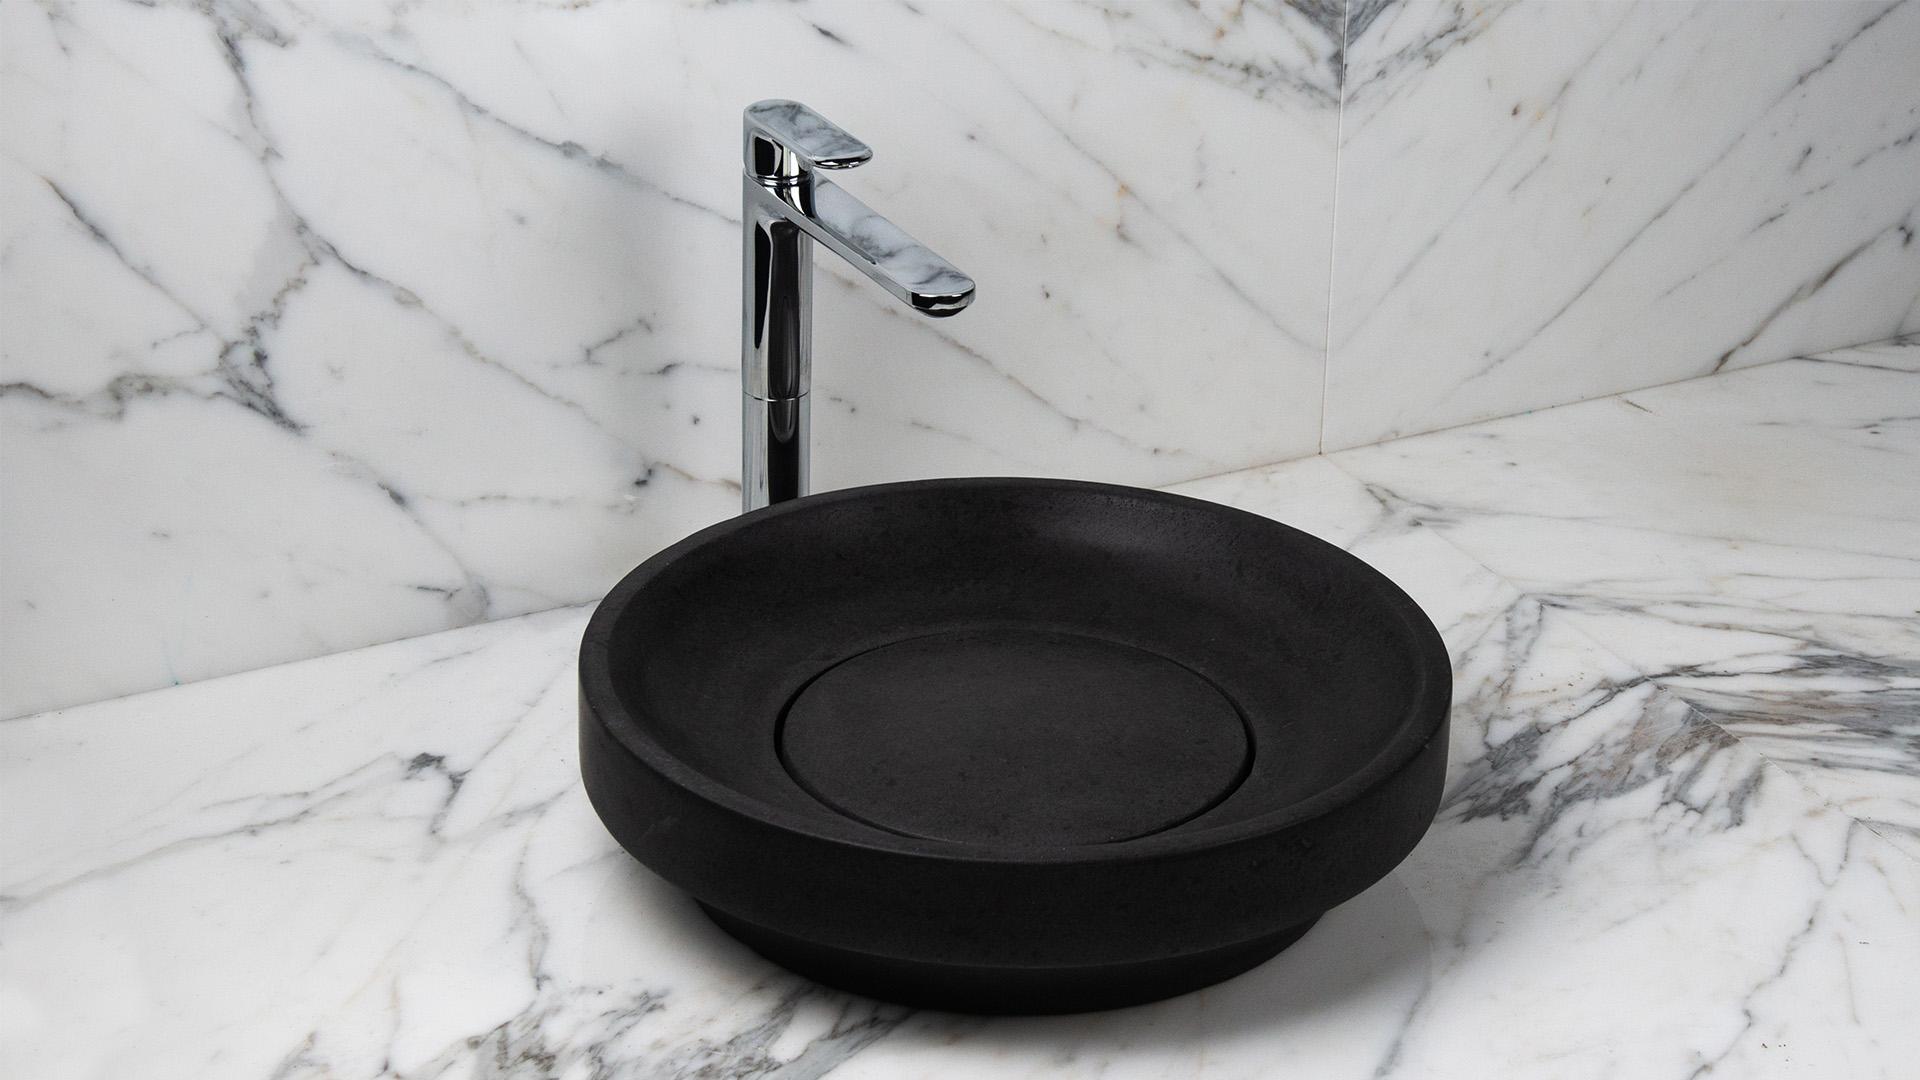 Vasca Da Bagno Ufo : Agape vasce da bagno vasche da bagno edilceramiche di maccanò